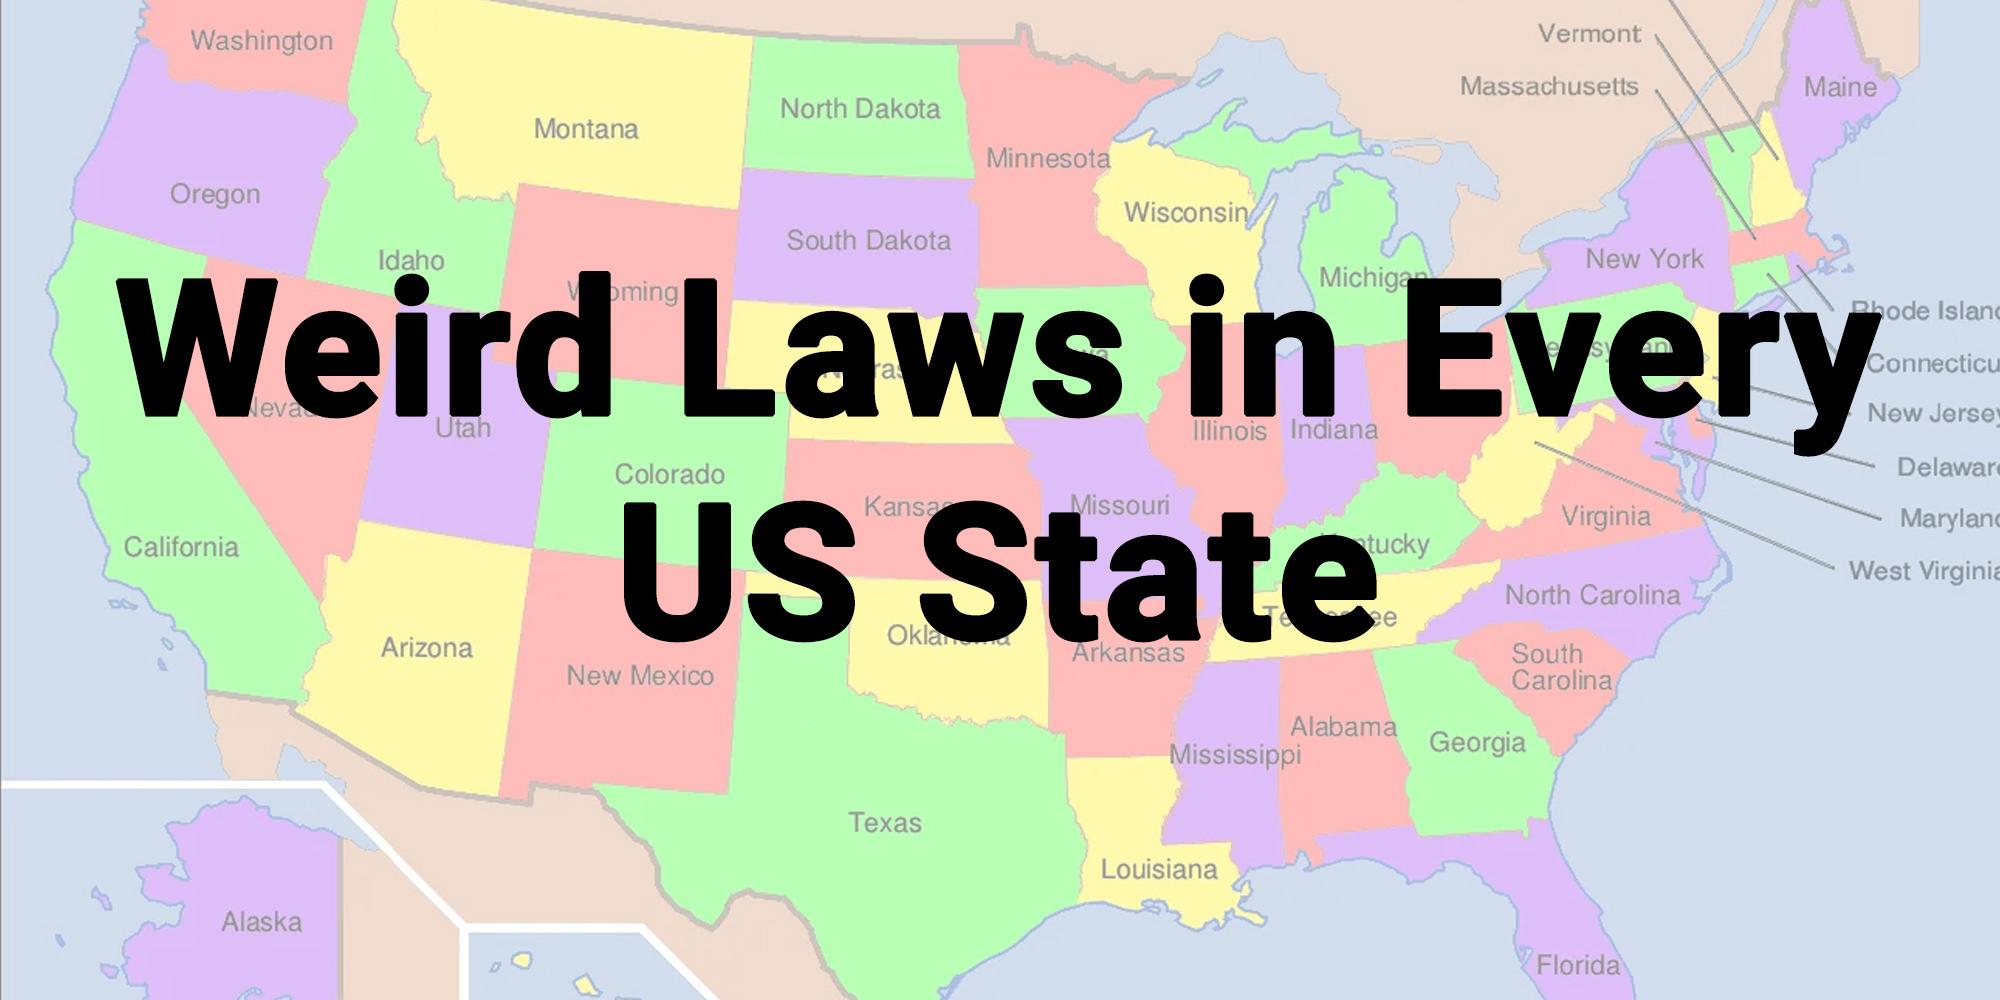 weird laws us